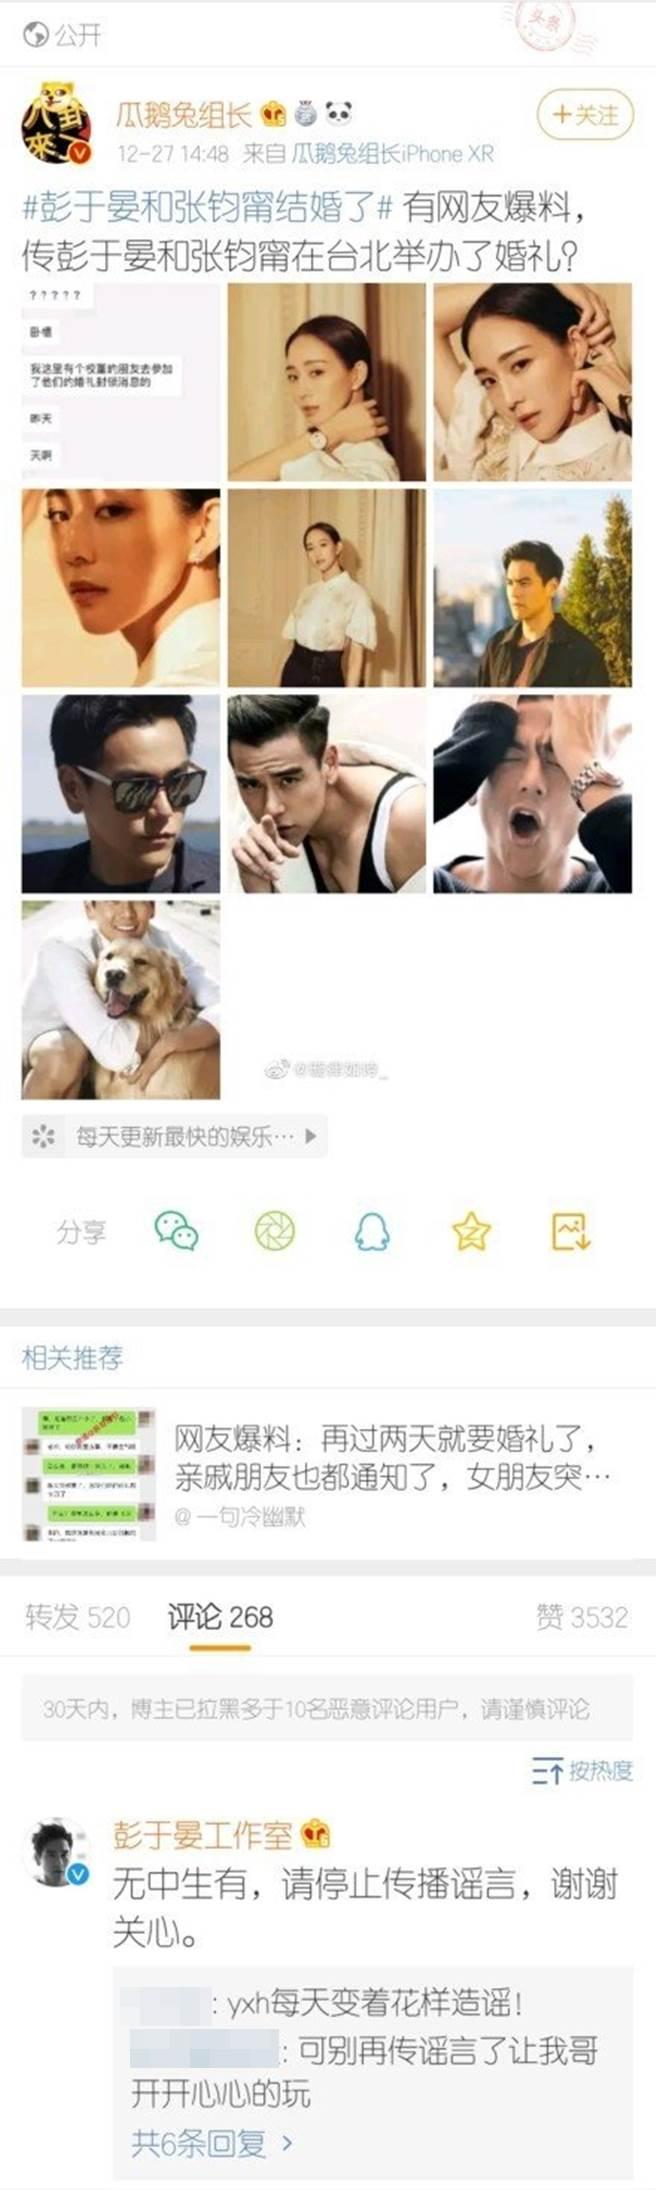 彭于晏工作室回應否認謠言。(圖/翻攝自搜狐娛樂微博)